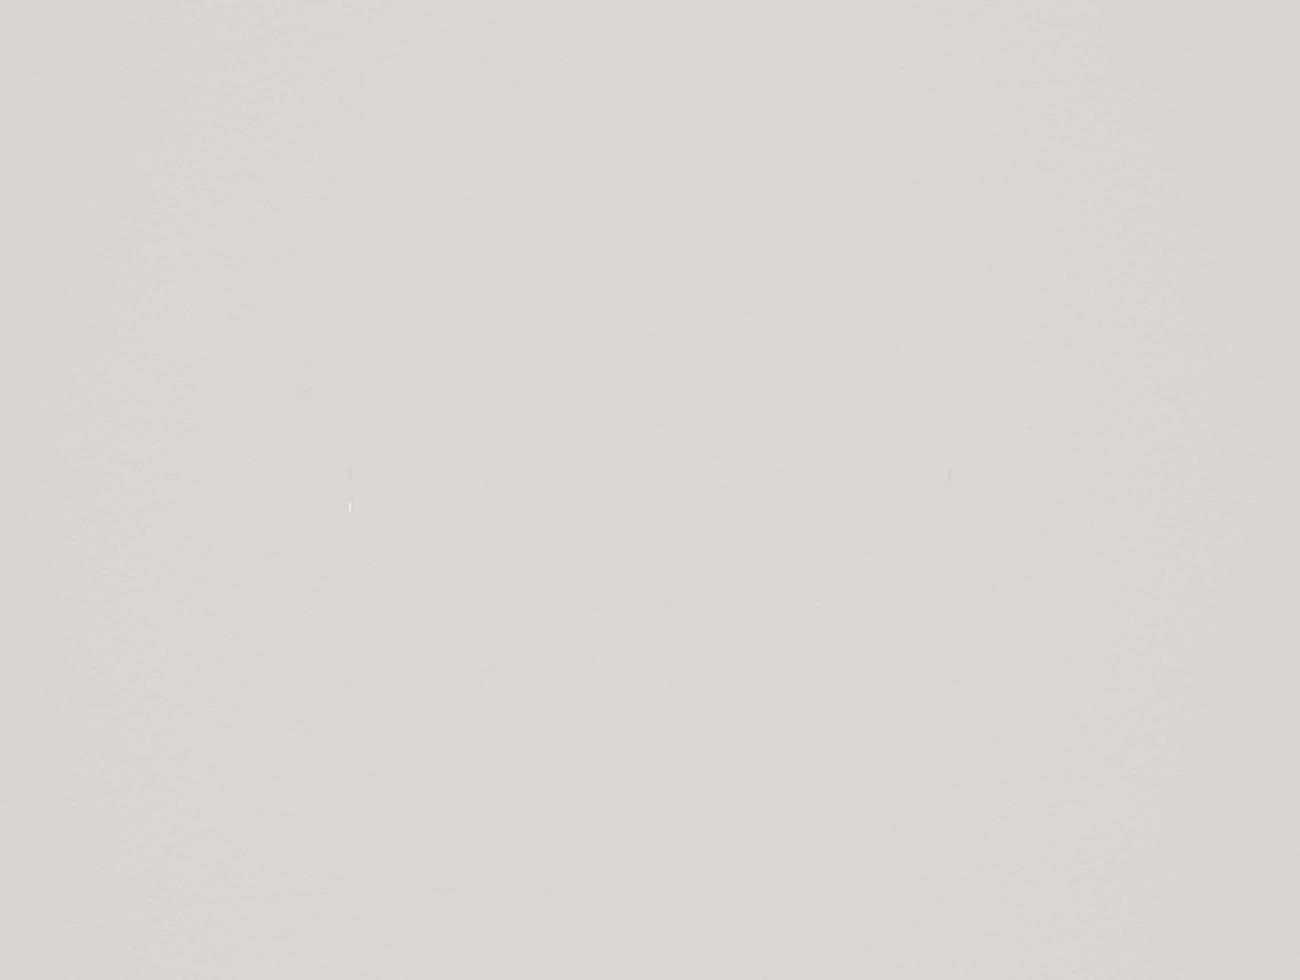 texture de papier propre neutre photo